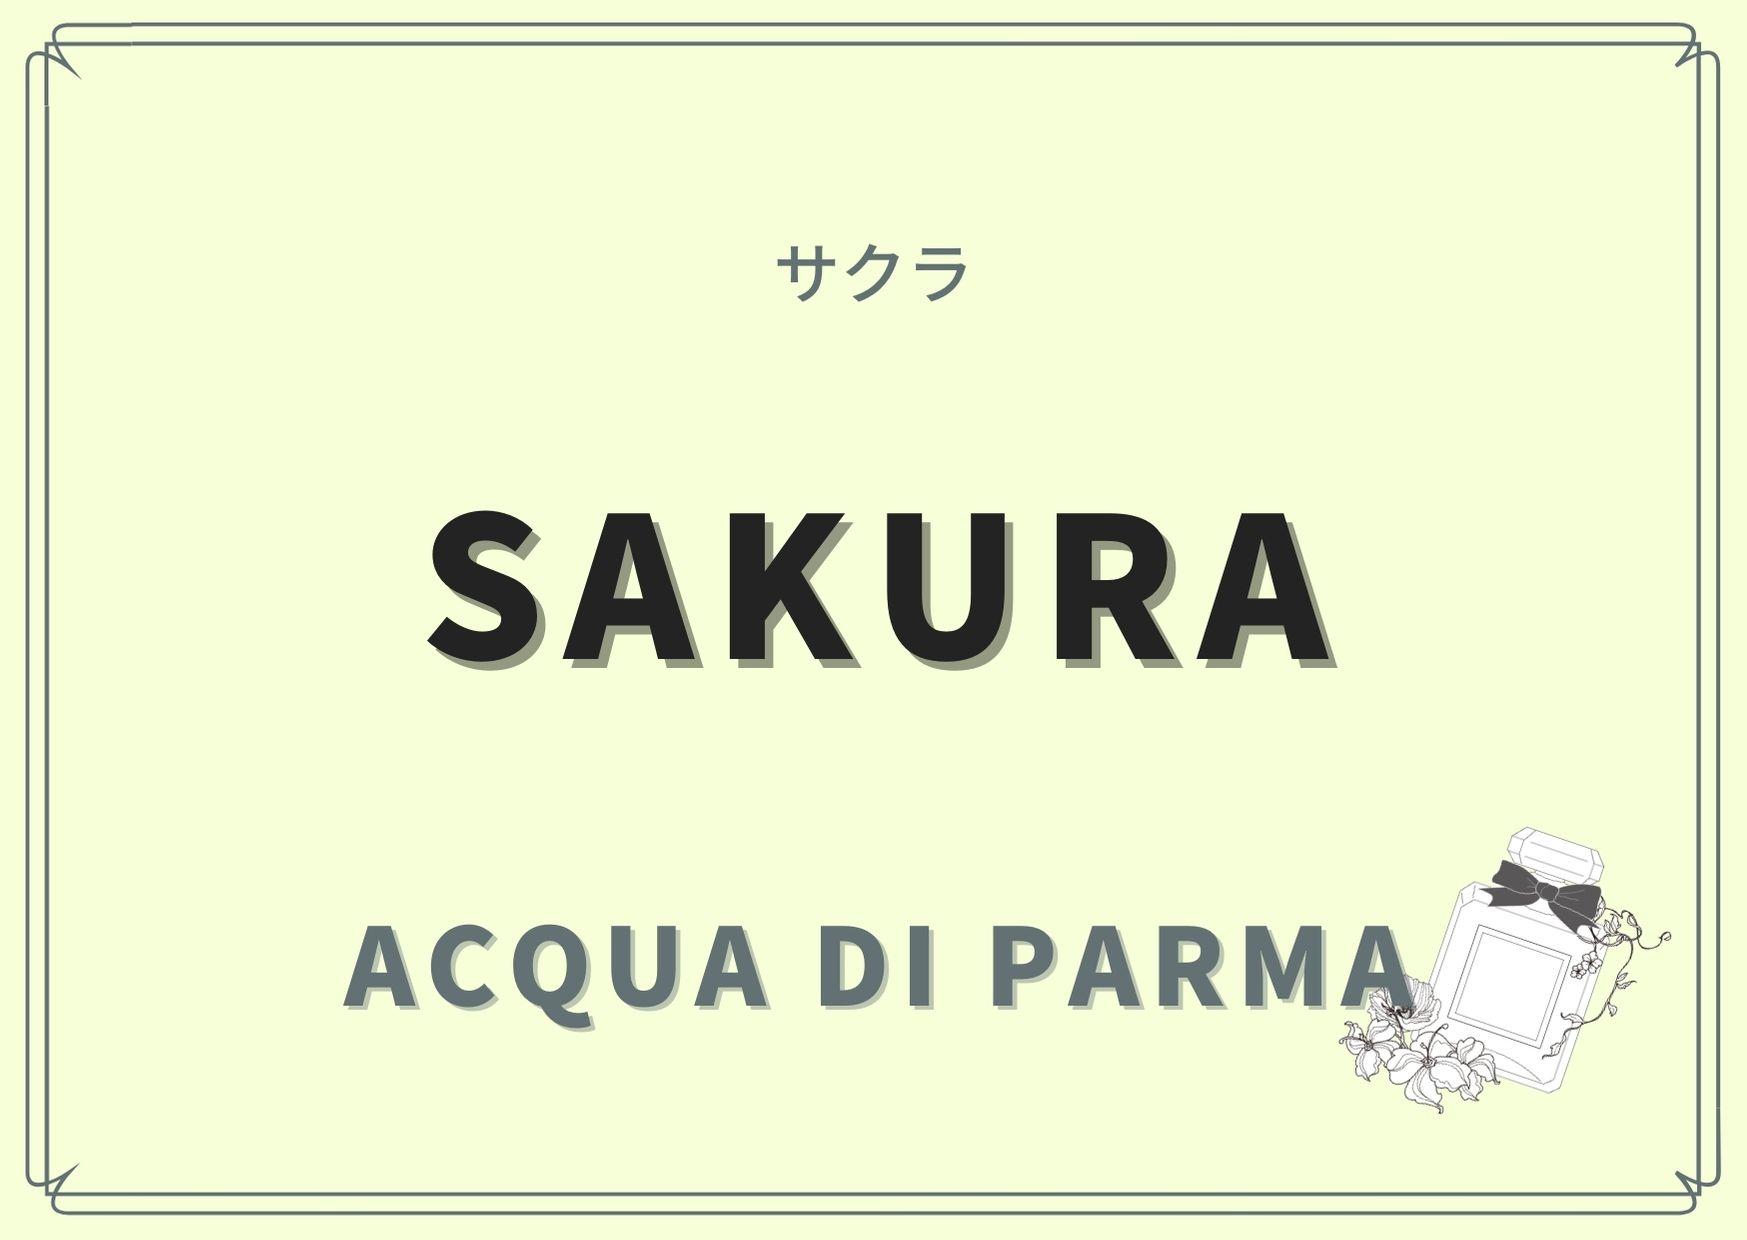 SAKURA(サクラ)/ ACQUA DI PARMA(アクア ディ パルマ)